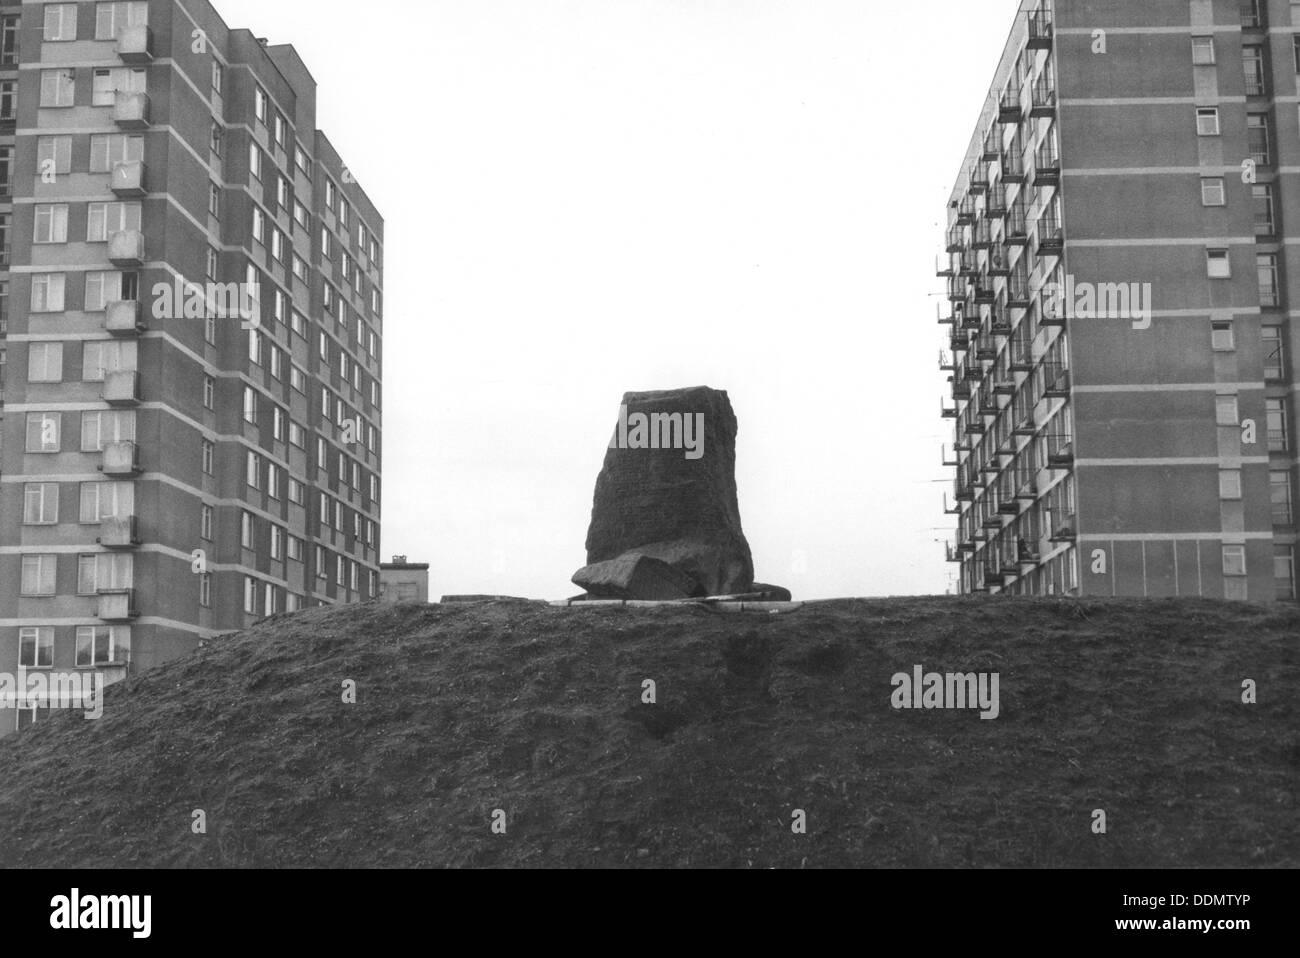 Mila 18 monument, Warsaw, Poland. - Stock Image